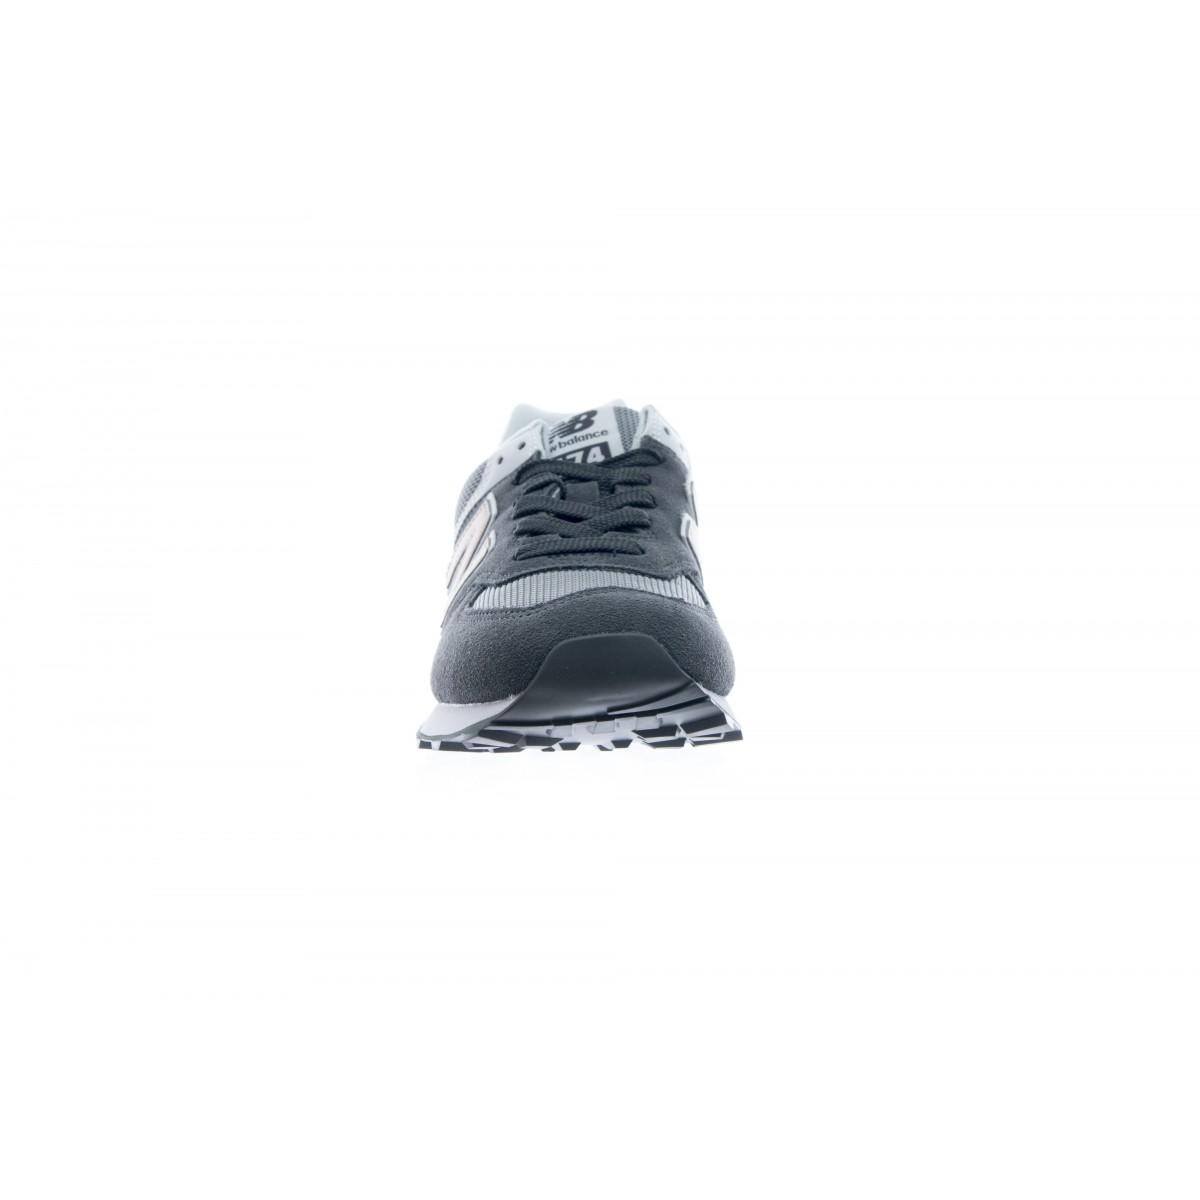 Scarpa - Wl574 ndb suede mash